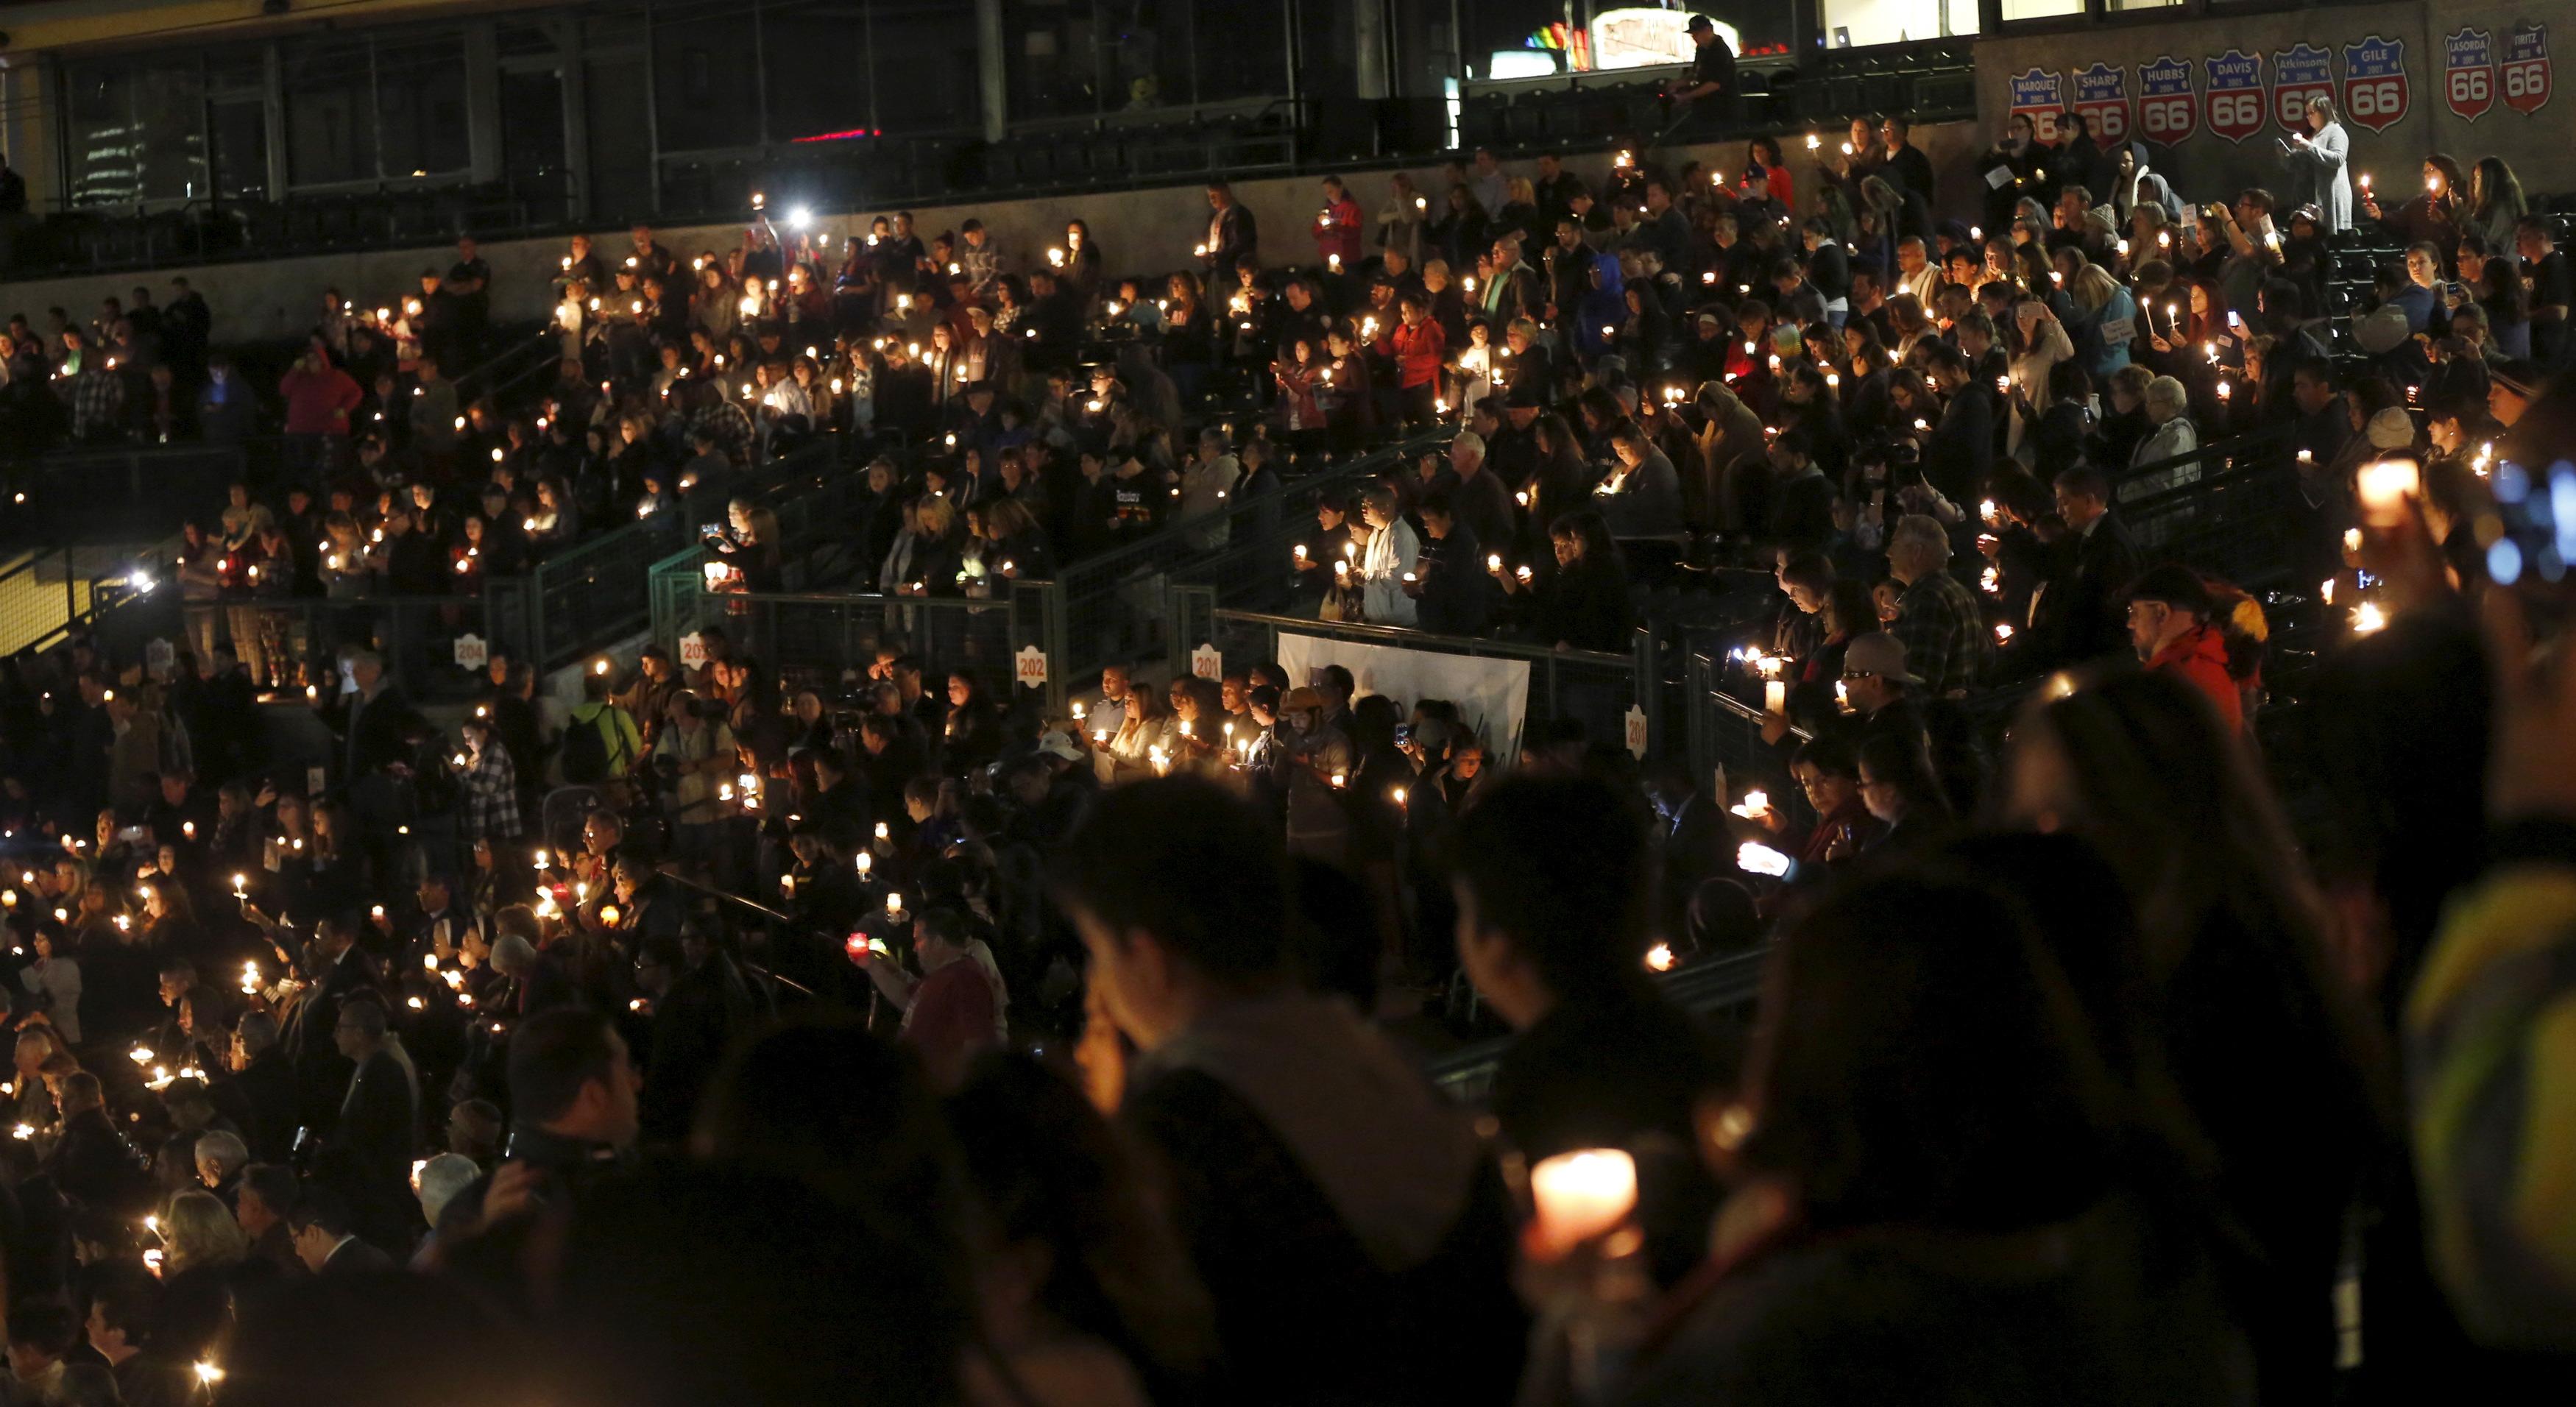 Vigilia en San Bernardino (California). Reuters